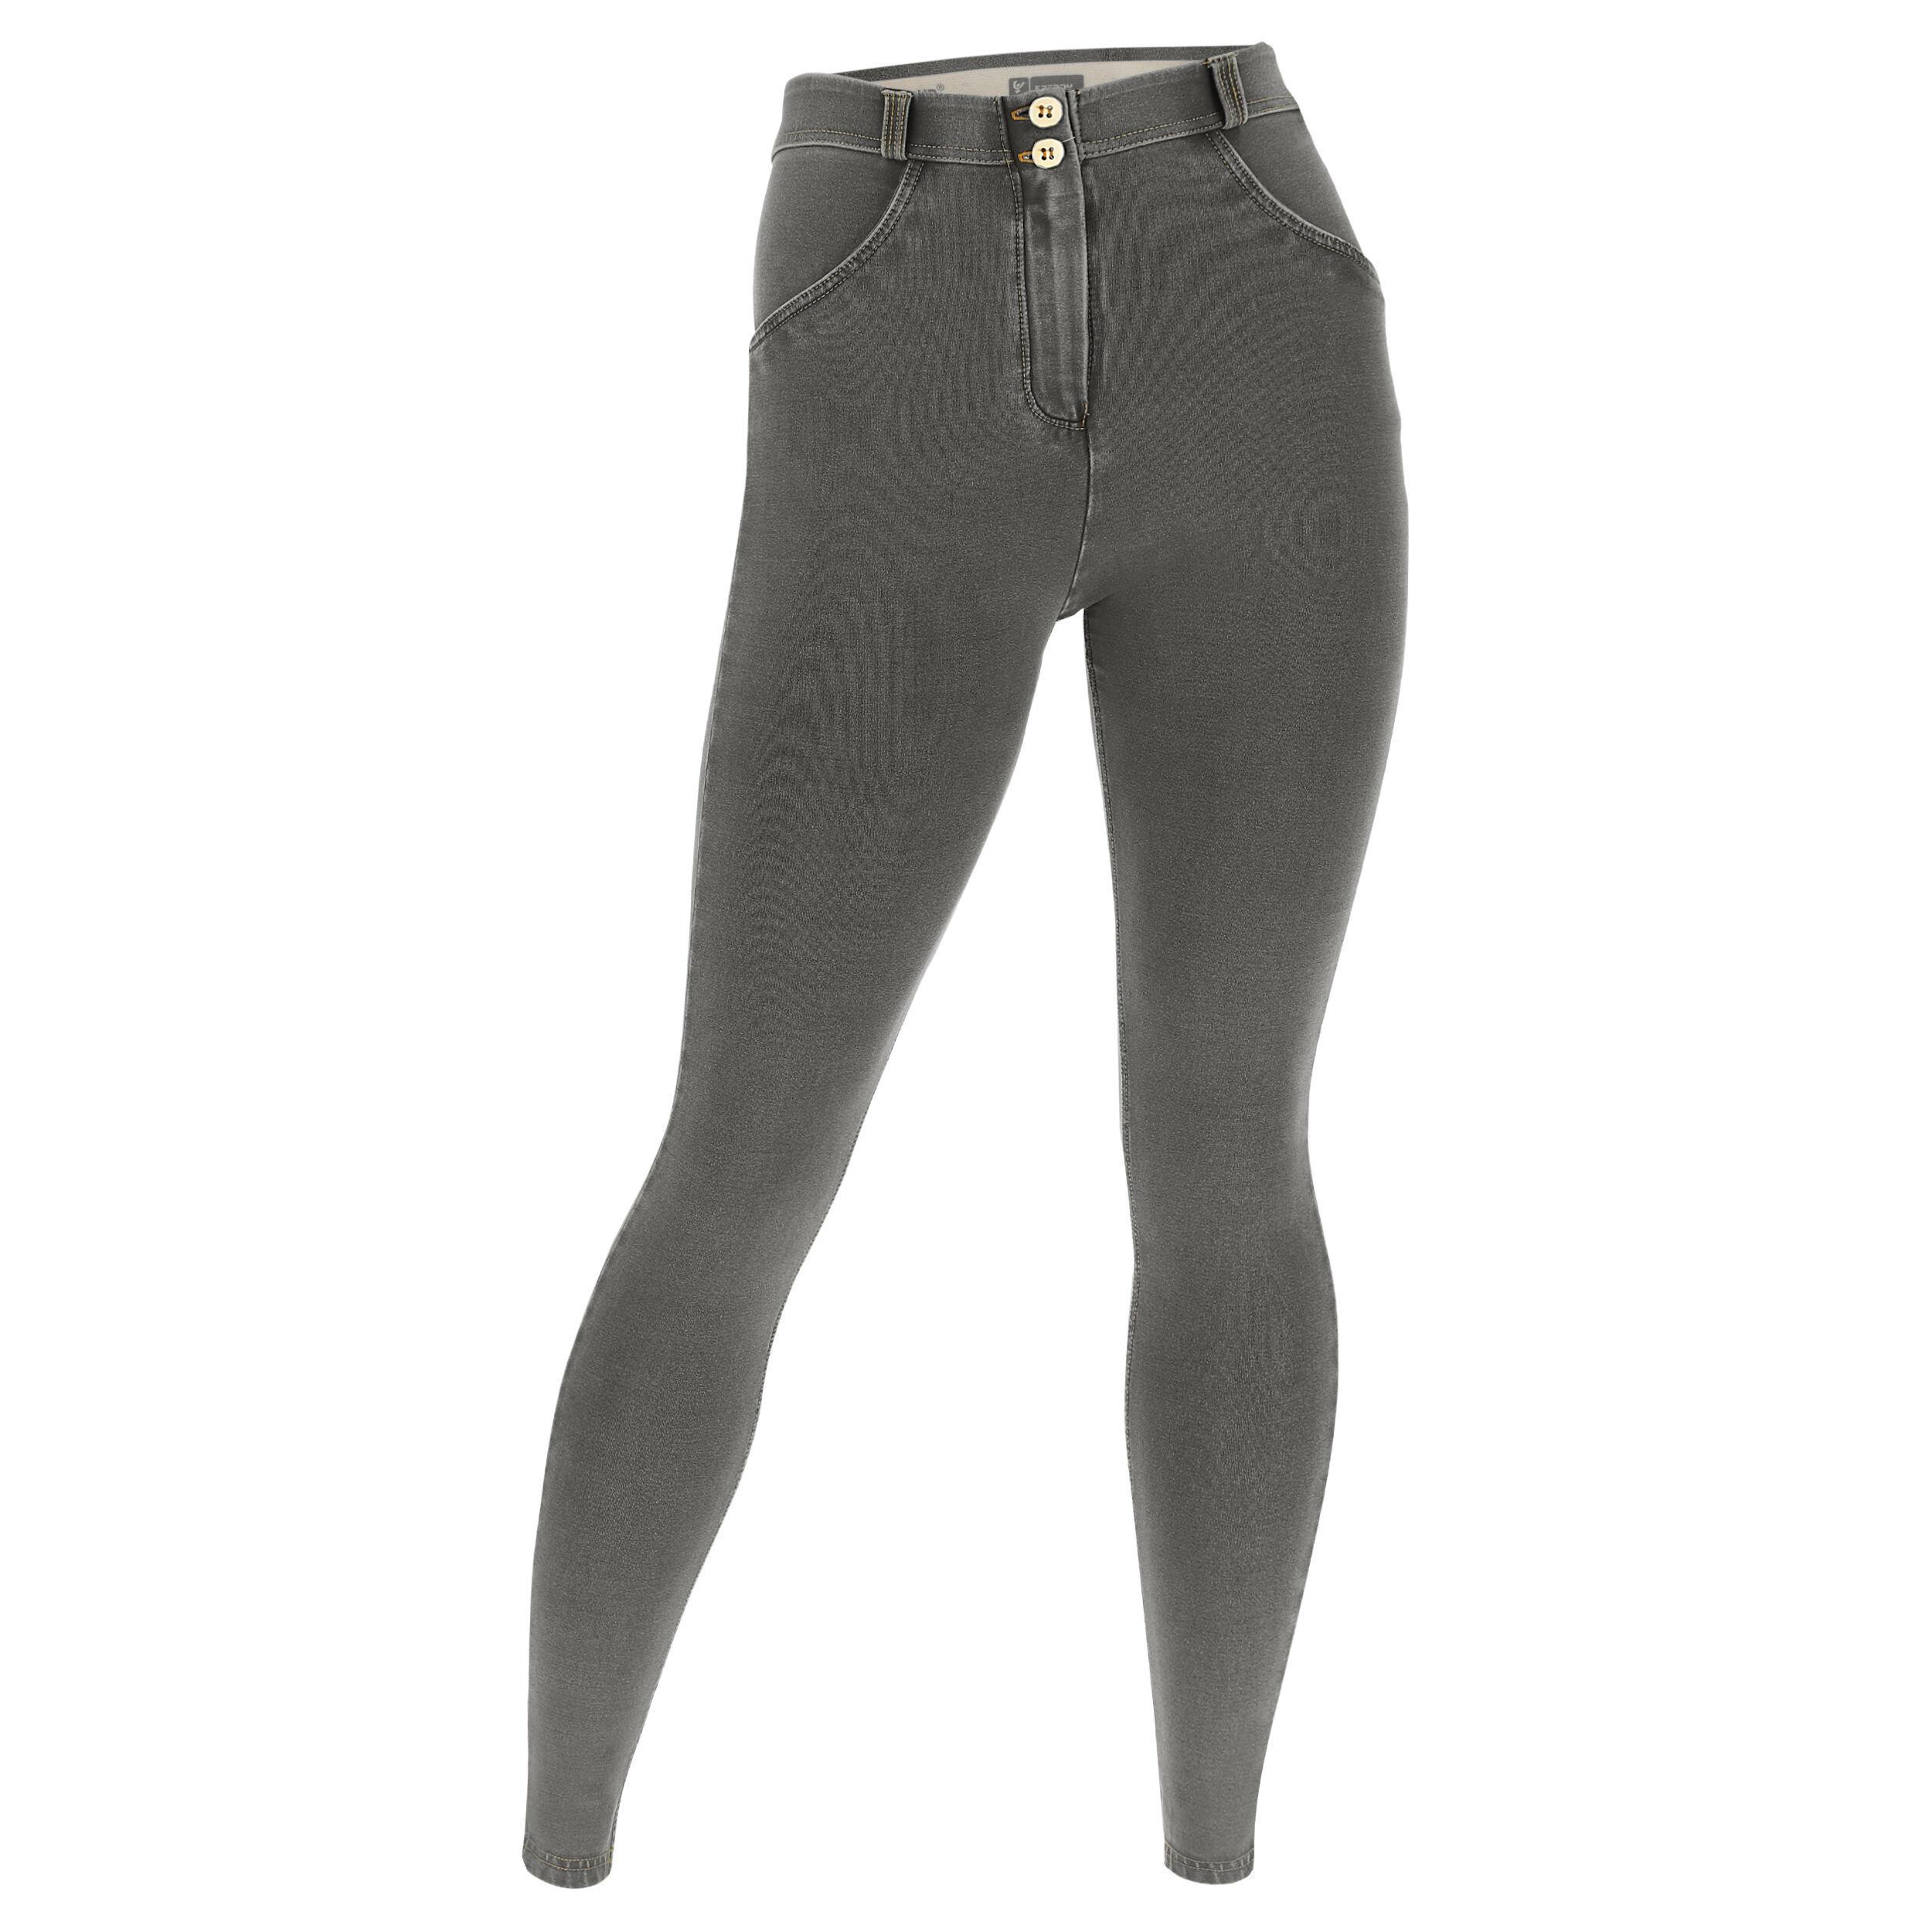 Freddy Jeggins push up WR.UP® vestibilità curvy denim chiaro Jeans Grigio-Cuciture Gialle